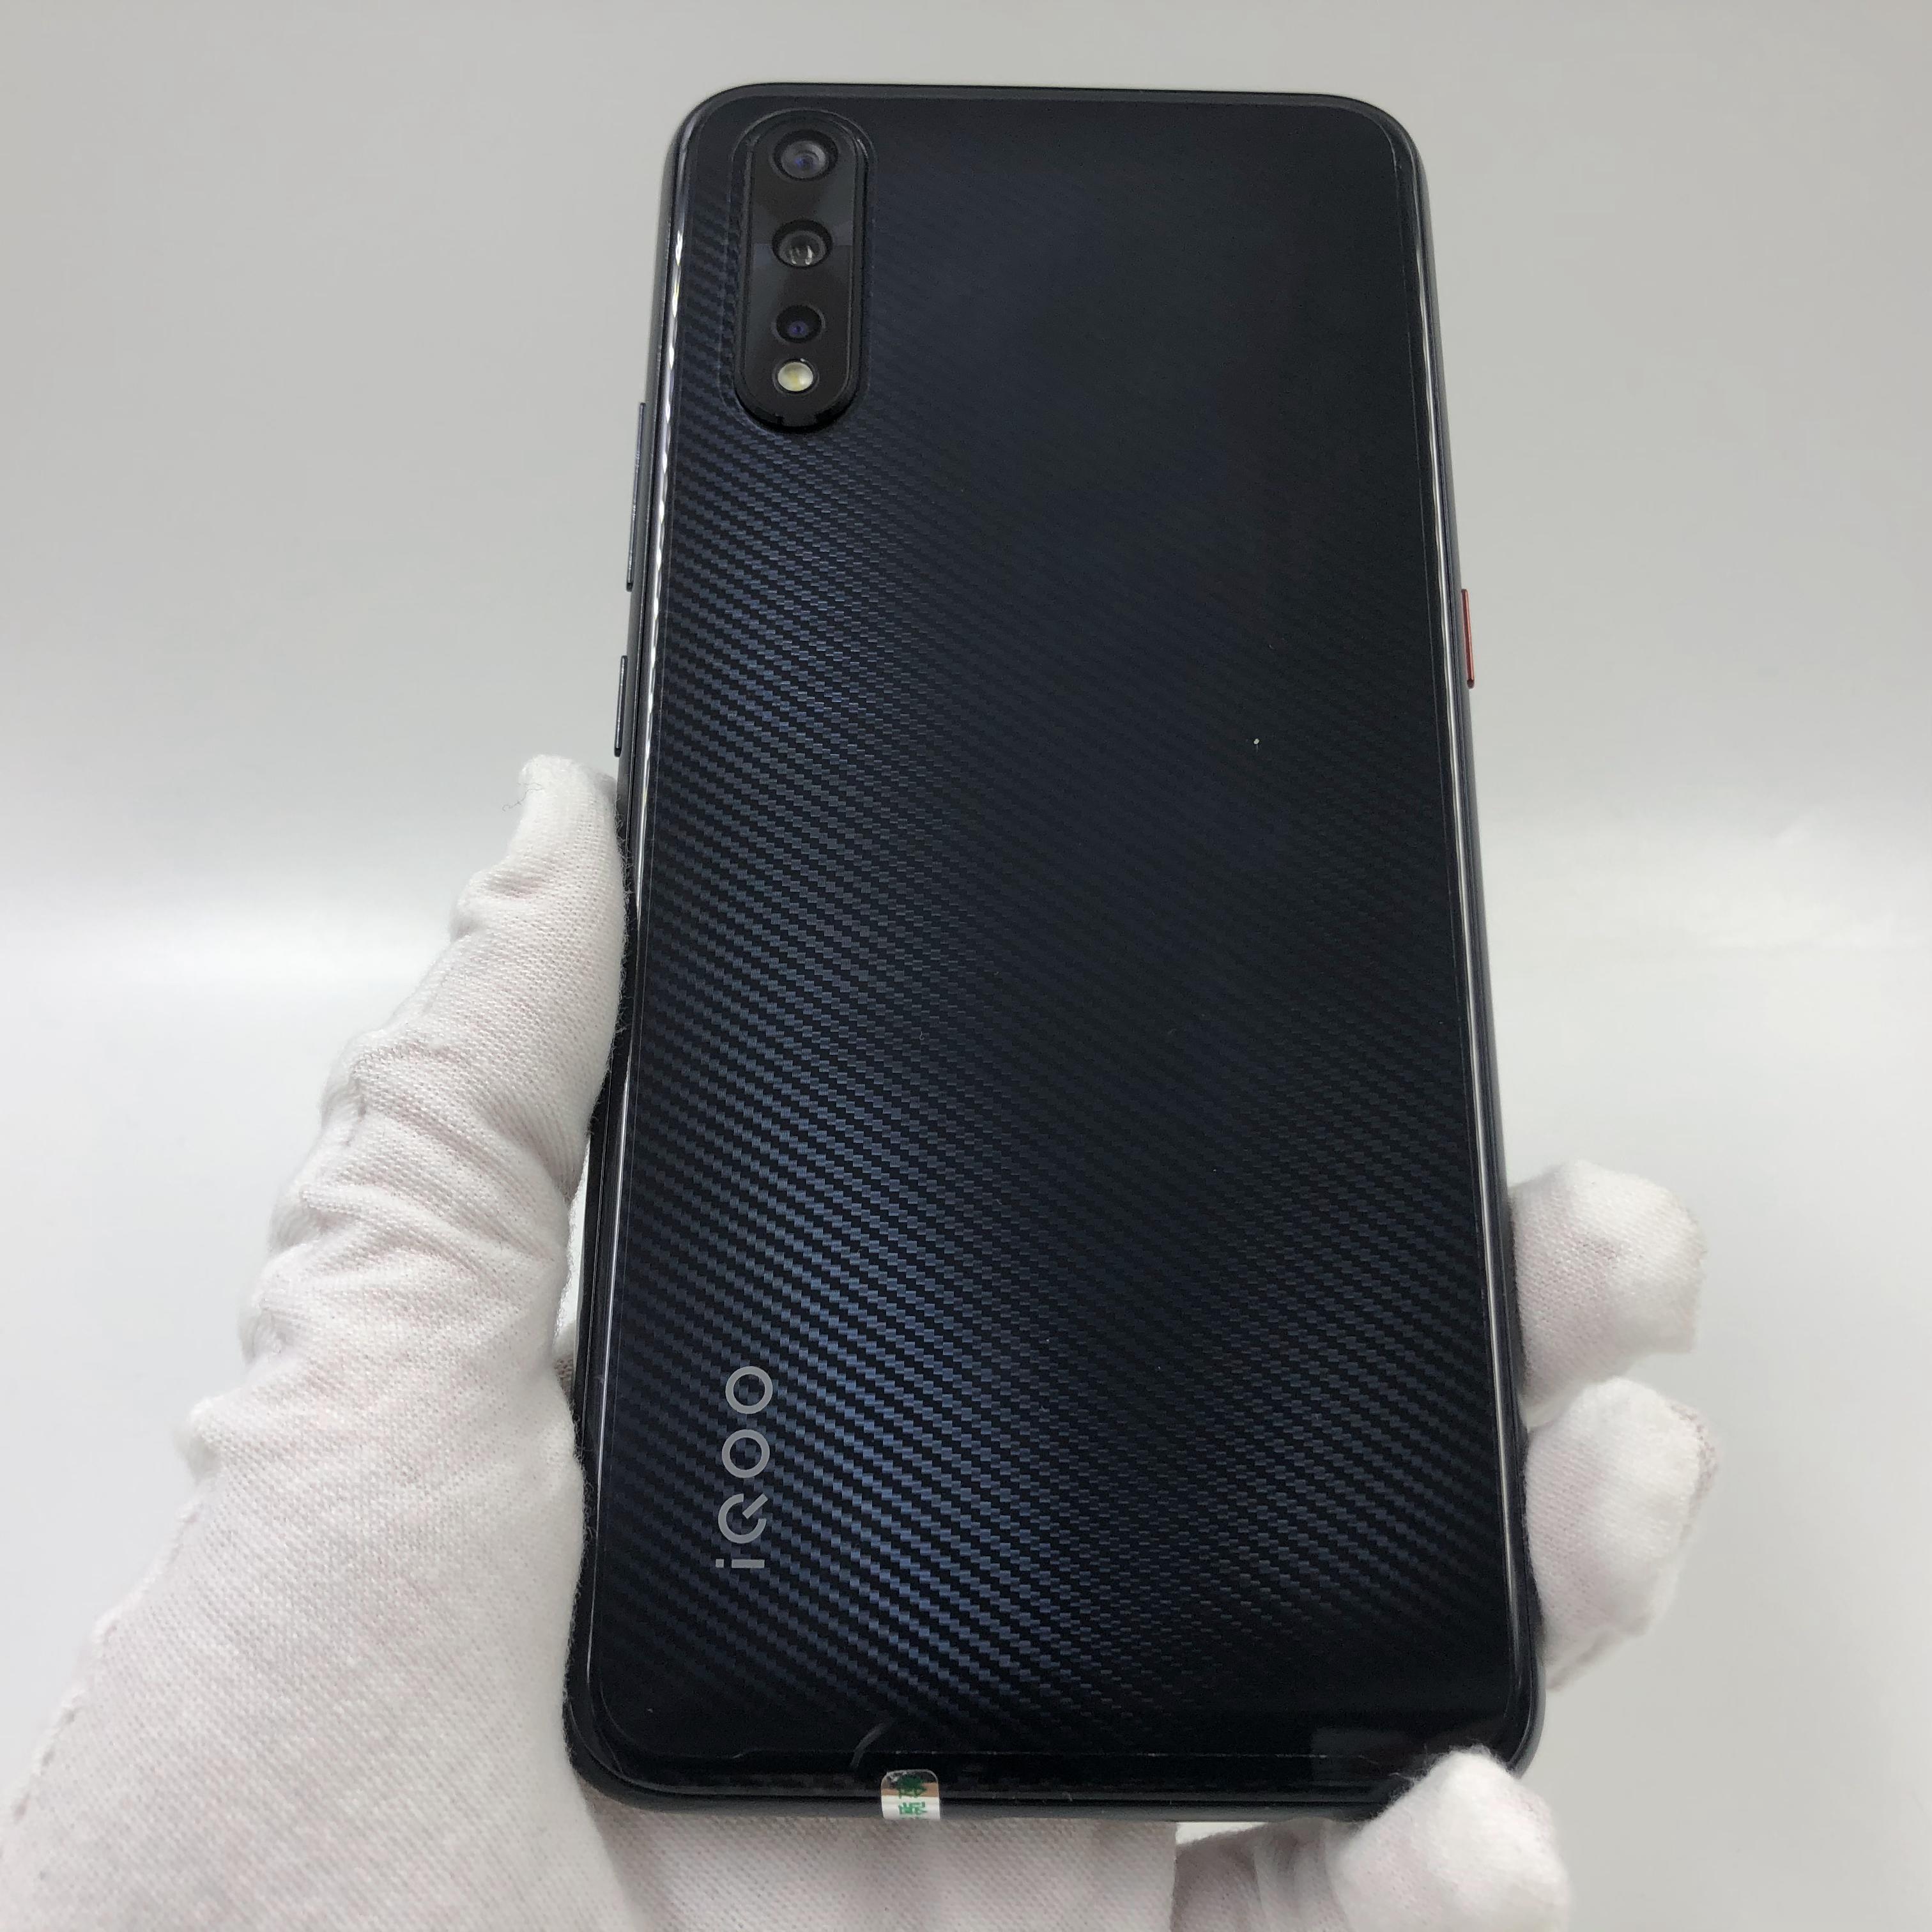 vivo【iQOO Neo 855竞速版】4G全网通 碳纤黑 8G/128G 国行 99新 真机实拍